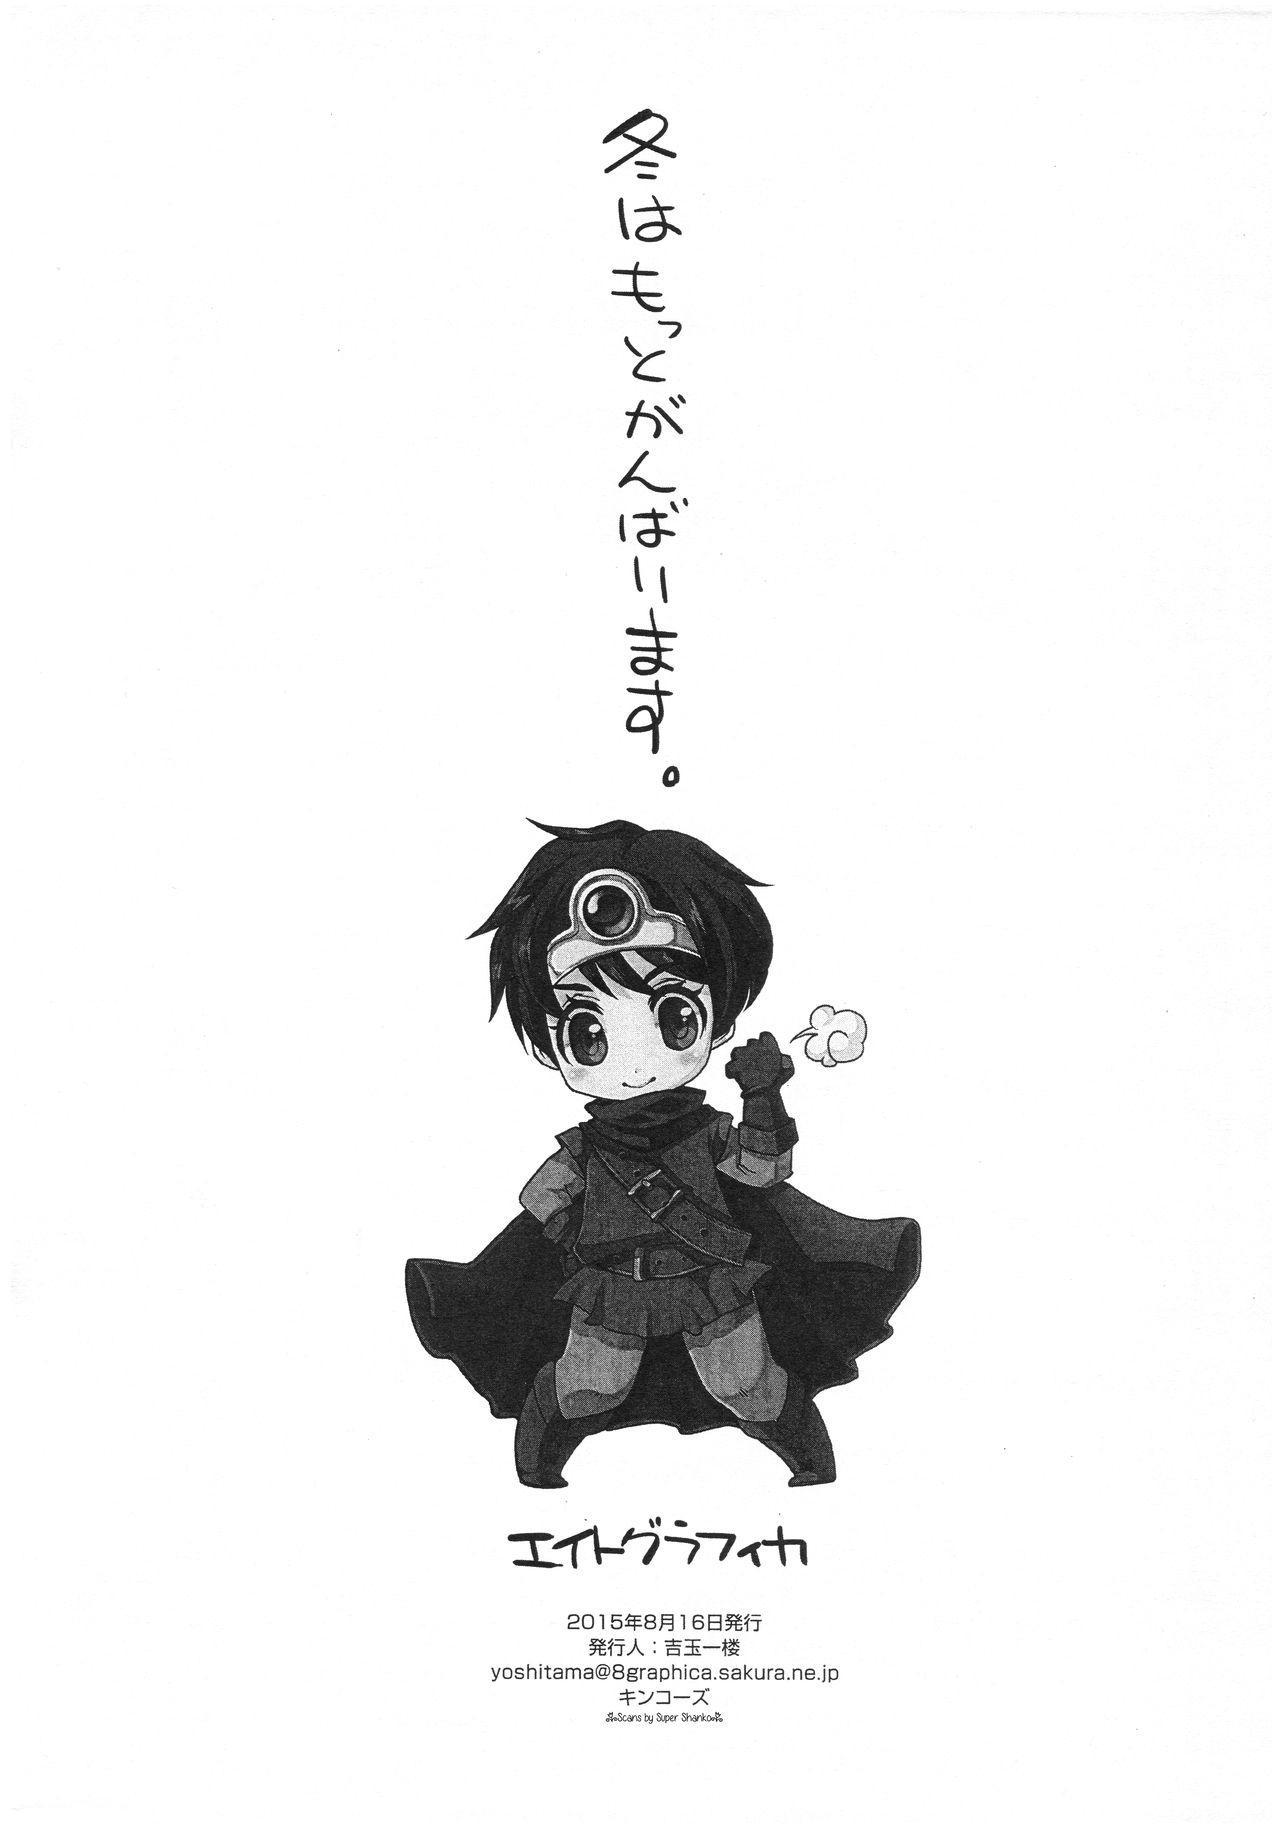 Jo Yuusha wa Tanomuto Setekureru 7